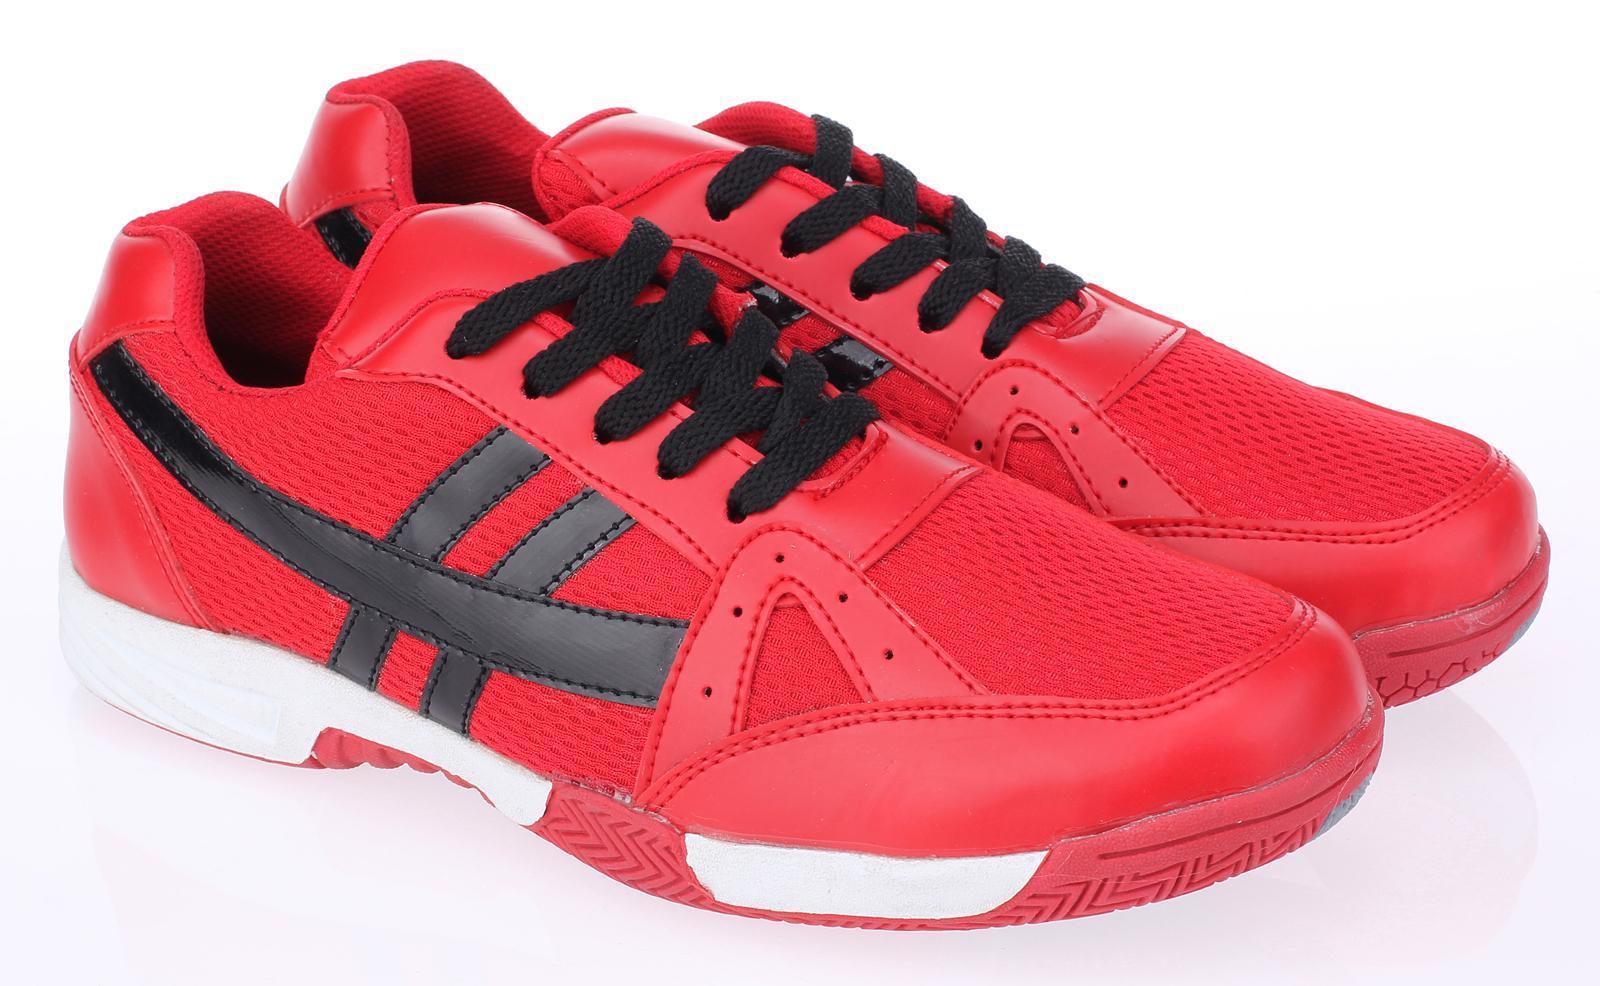 Fitur Sepatu Olahraga Badminton Bulutangkis Original 1lvigk Dan Pria Sneakers Catenzo At 074 Raindoz Rtf015